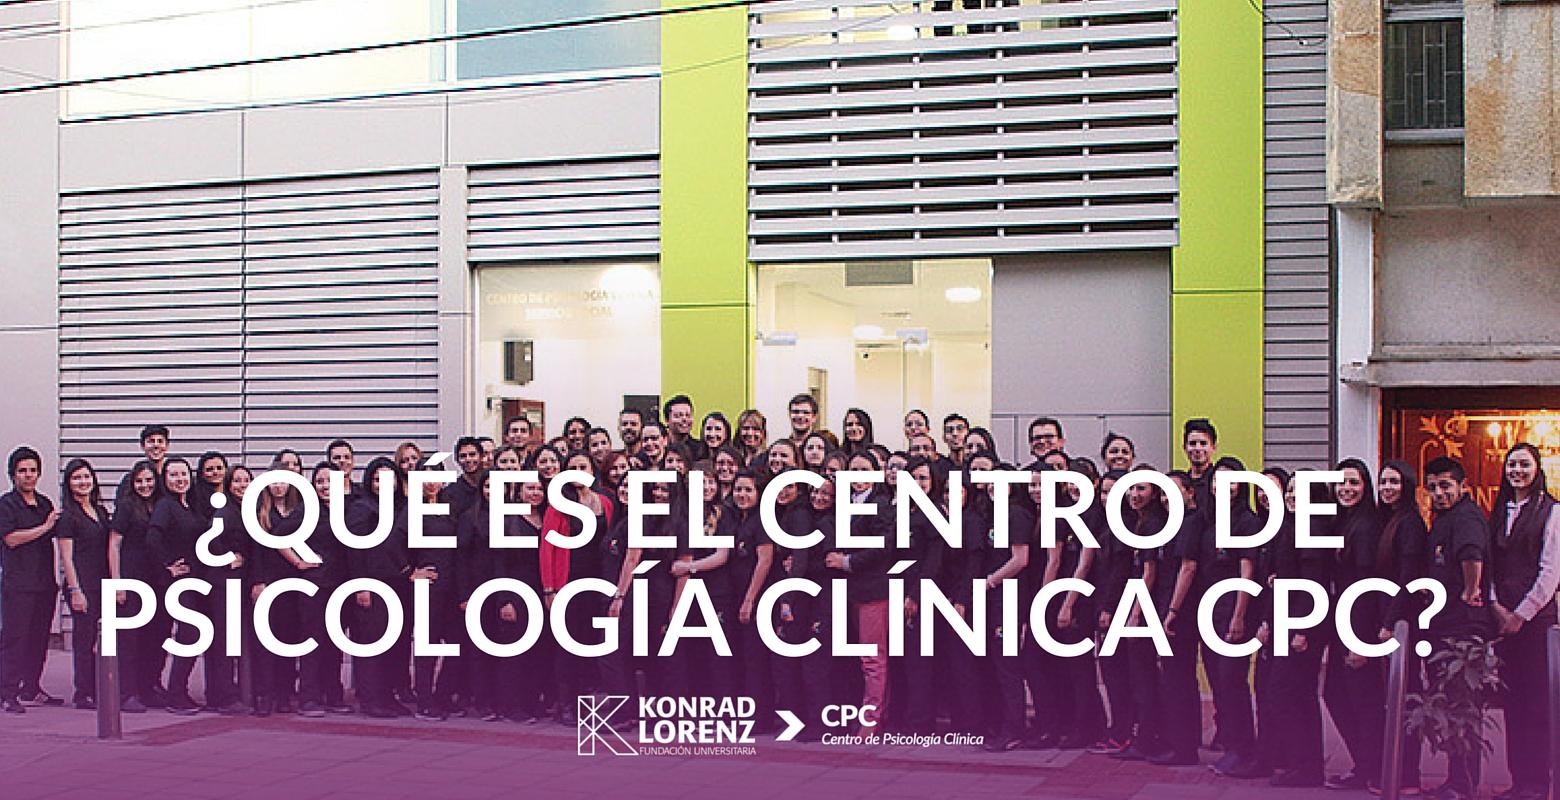 ¿Qué es el Centro de Psicología Clínica CPC?